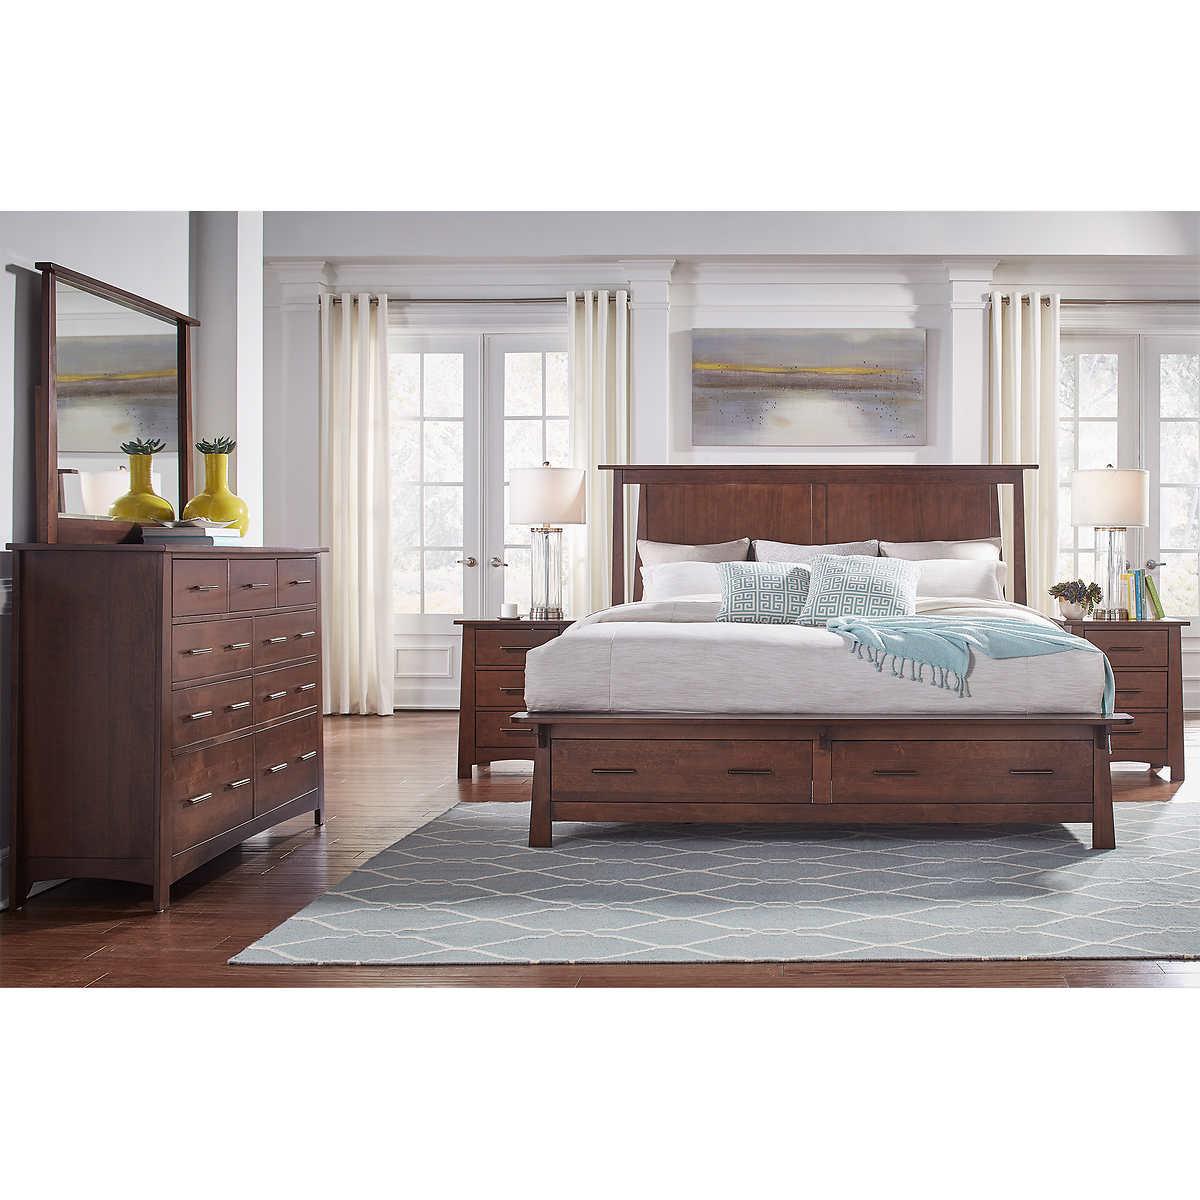 Callie 5-piece Queen Storage Bedroom Set